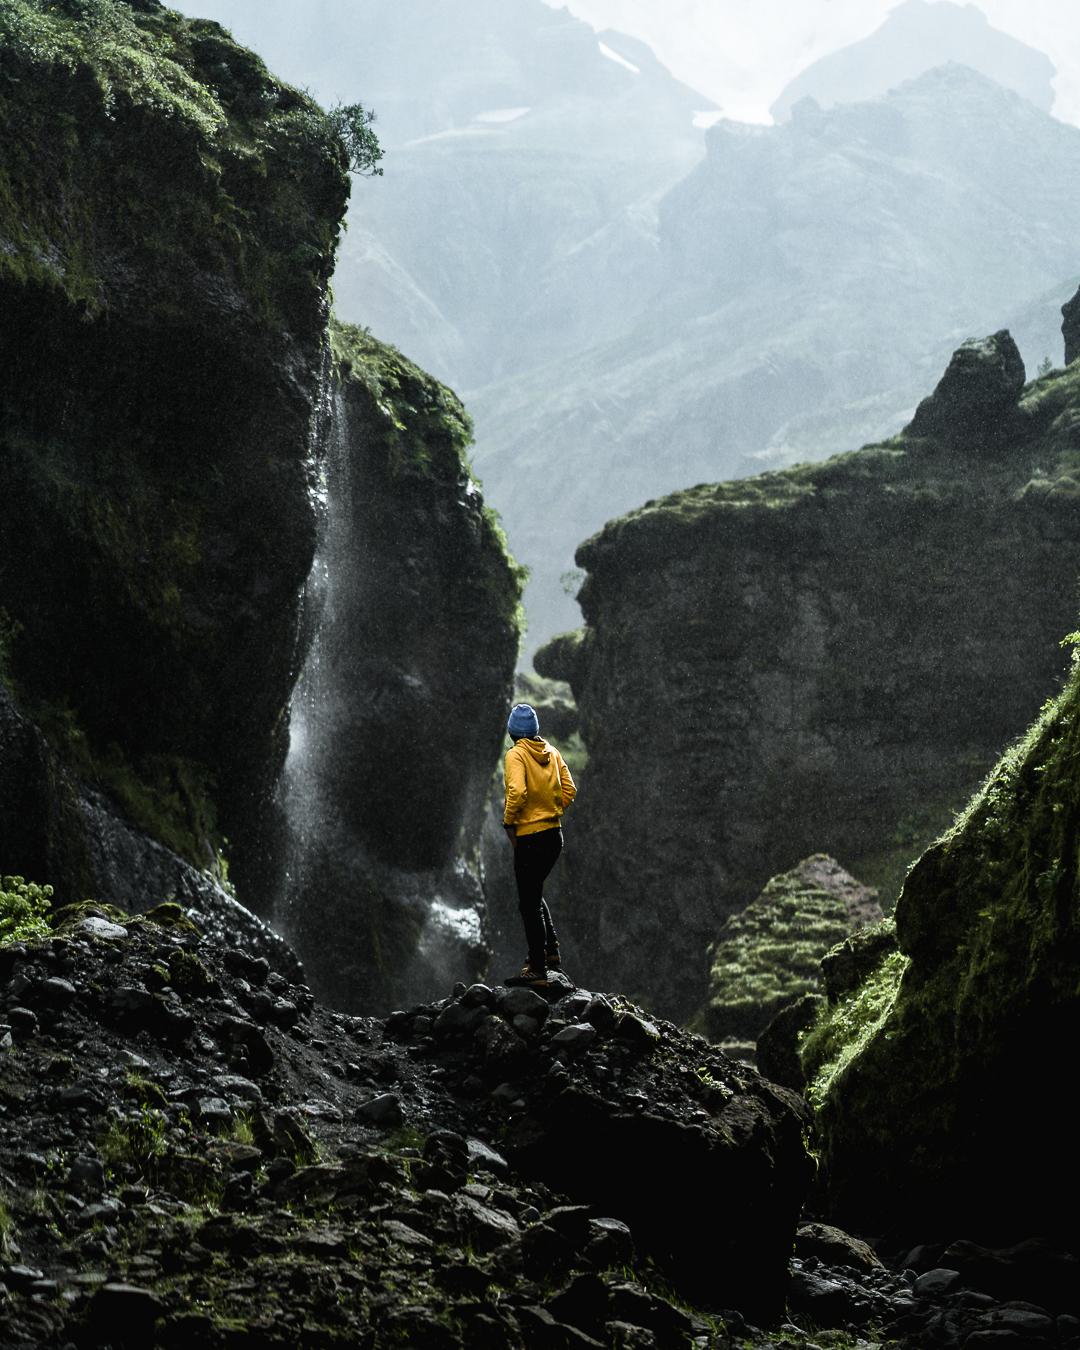 gabornagy_volcano_huts04.jpg